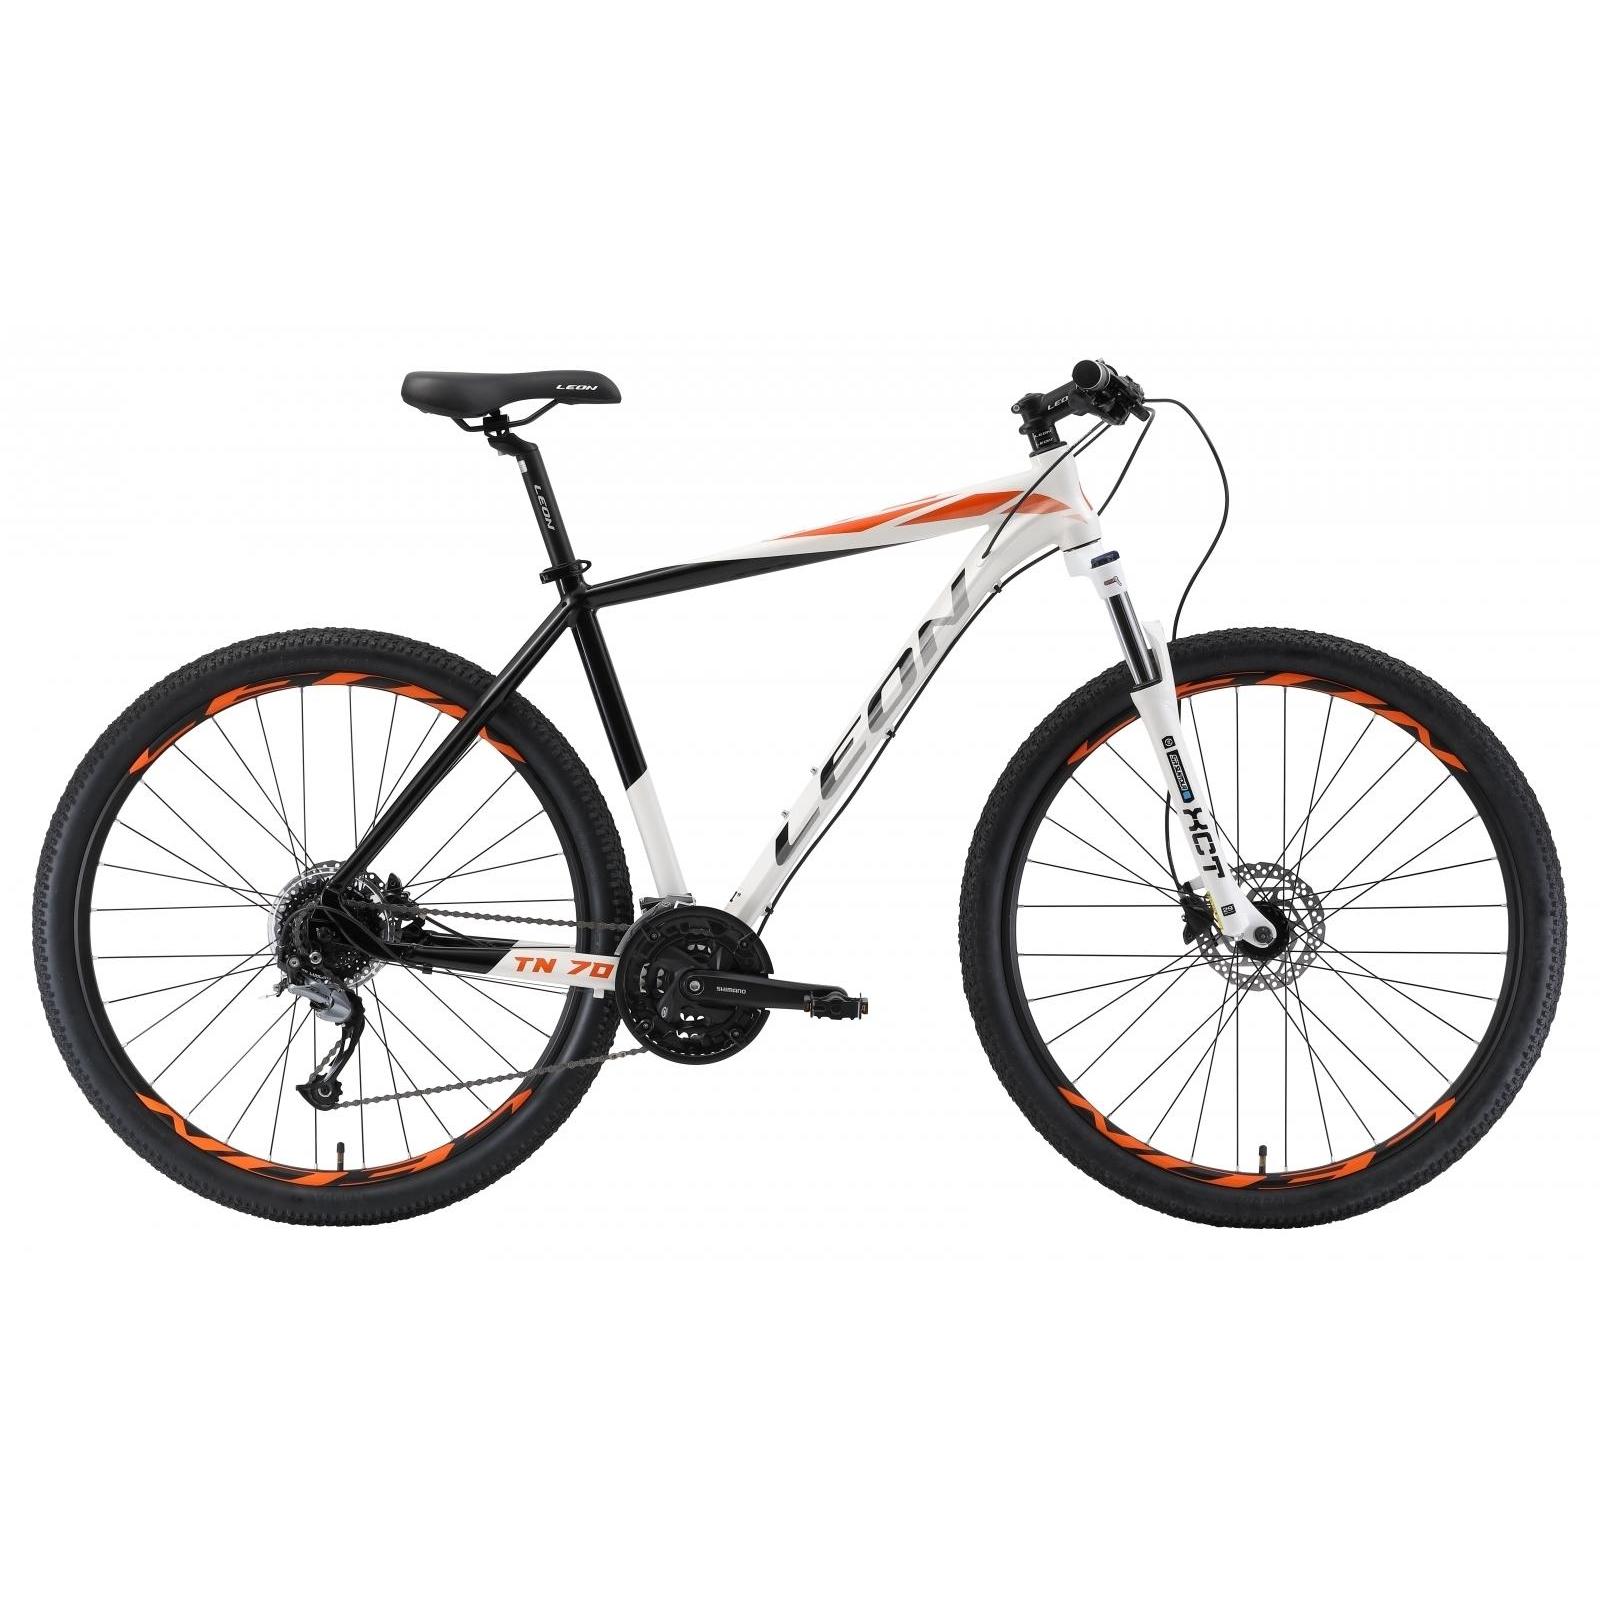 """Велосипед Leon 29"""" TN-70 2018 AM Hydraulic lock out 14G HDD рама-19"""" Al (OPS-LN-29-034)"""